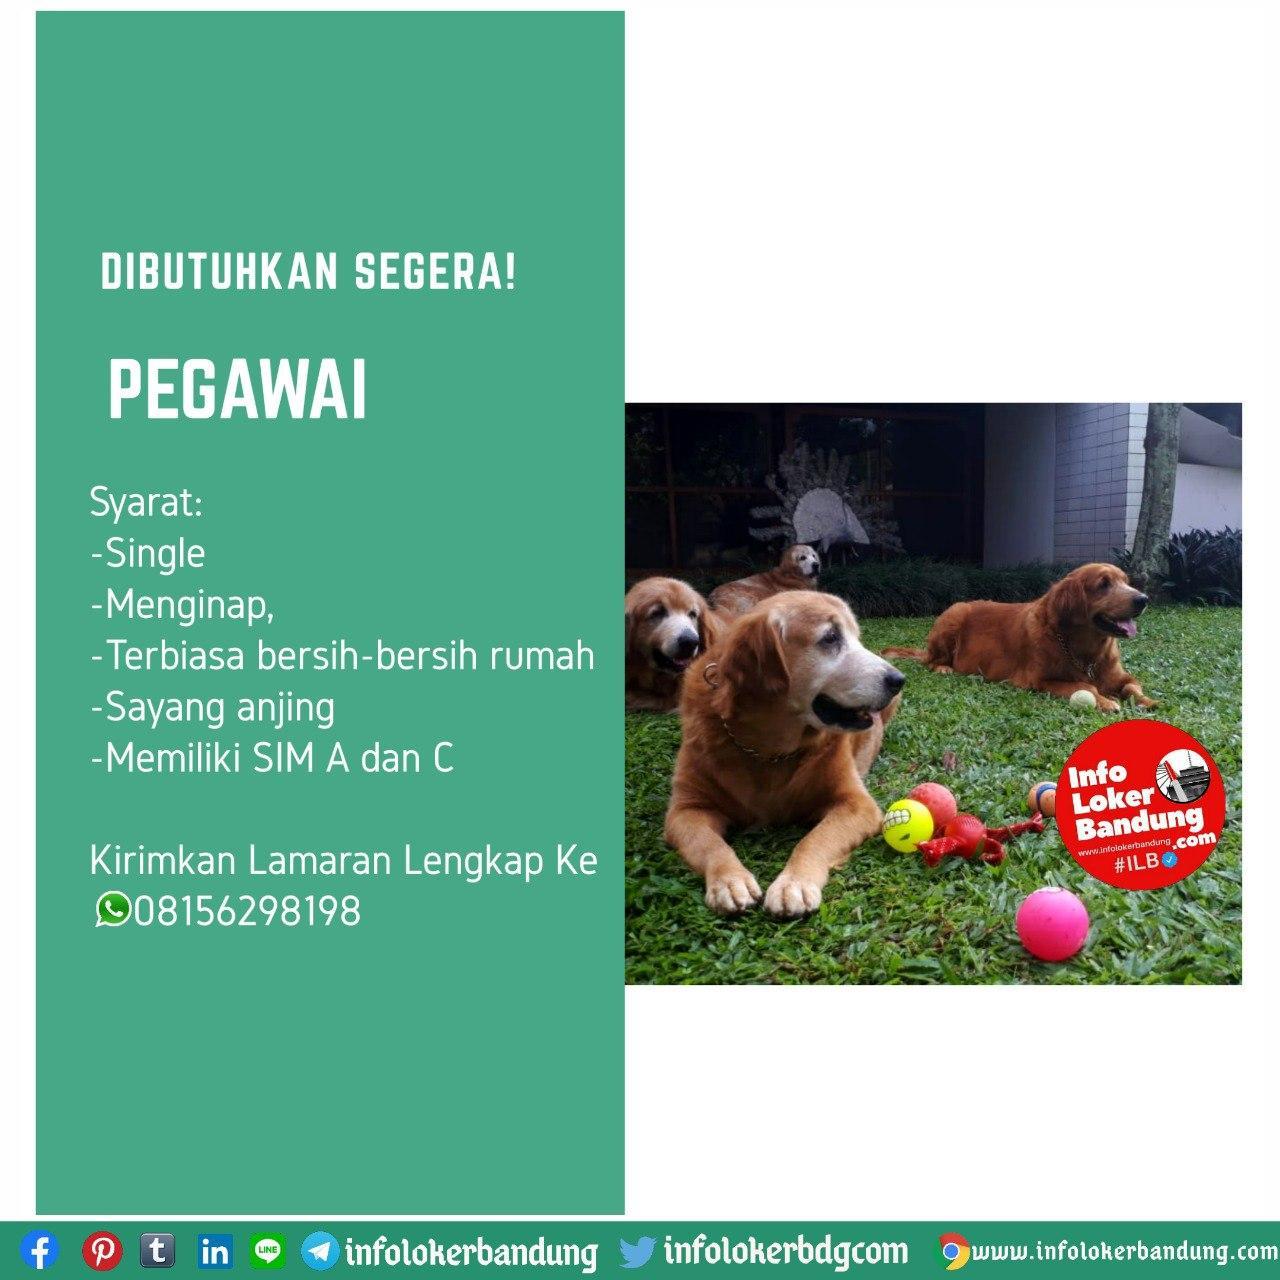 Dibutuhkan Segera Pegawai di Bandung Juli 2020